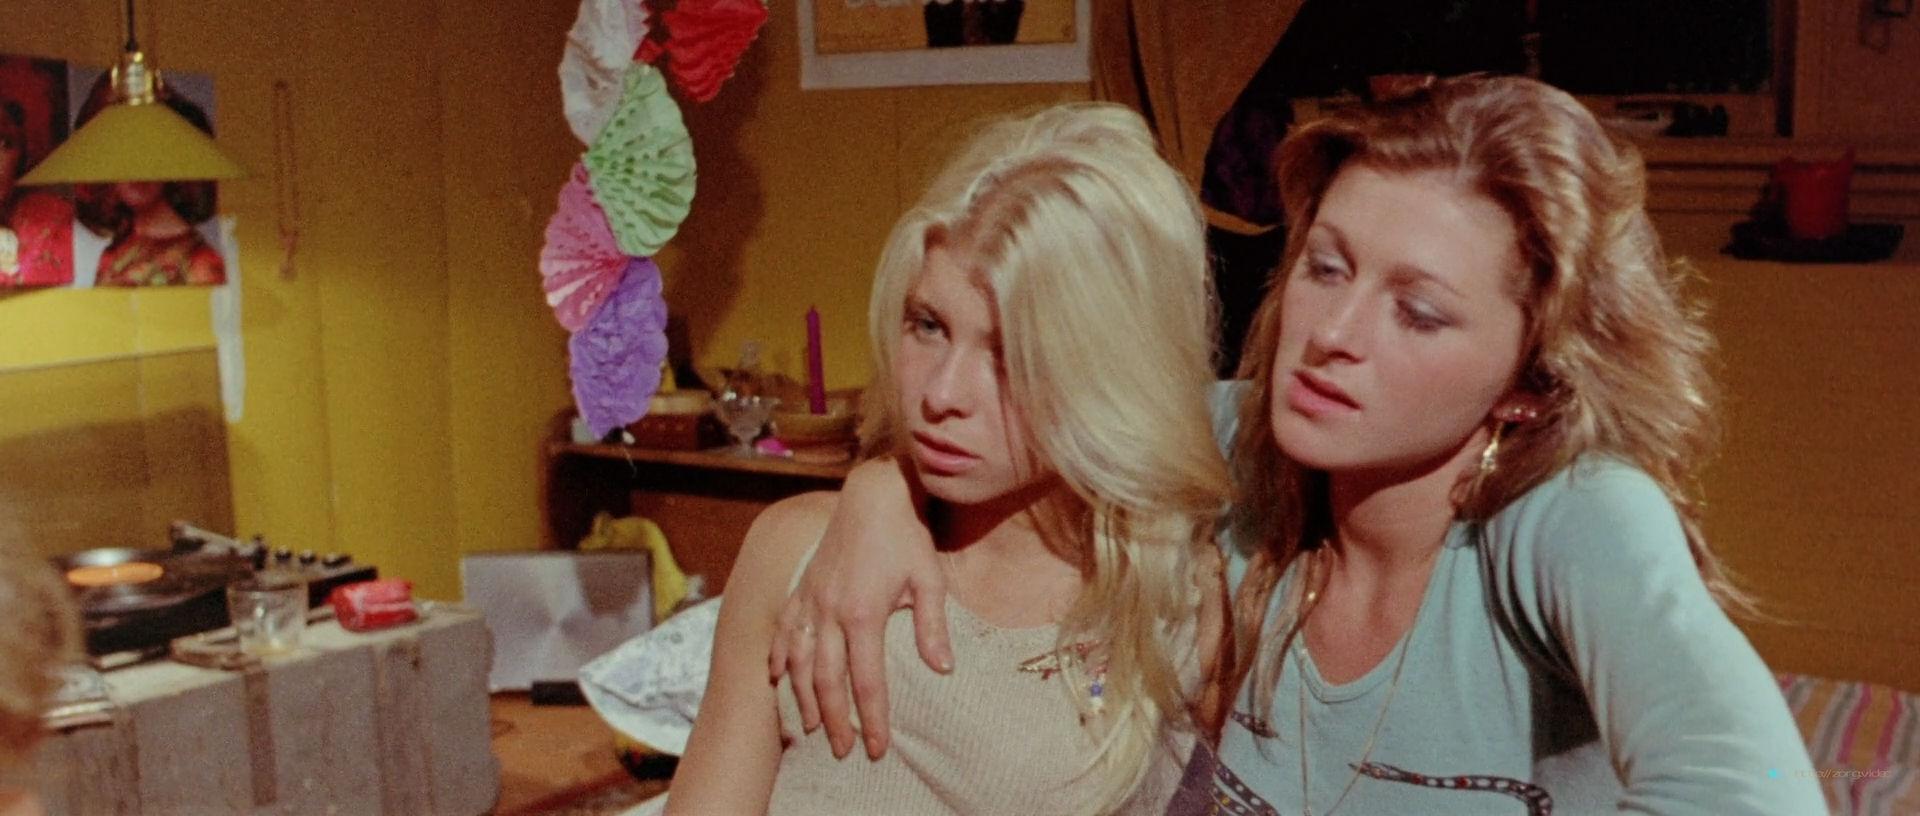 Marja de Heer nude full frontal others nude too - Mijn Nachten met Susan, Olga, Albert, Julie, Piet & Sandra (NL-1975) HD 1080p (19)